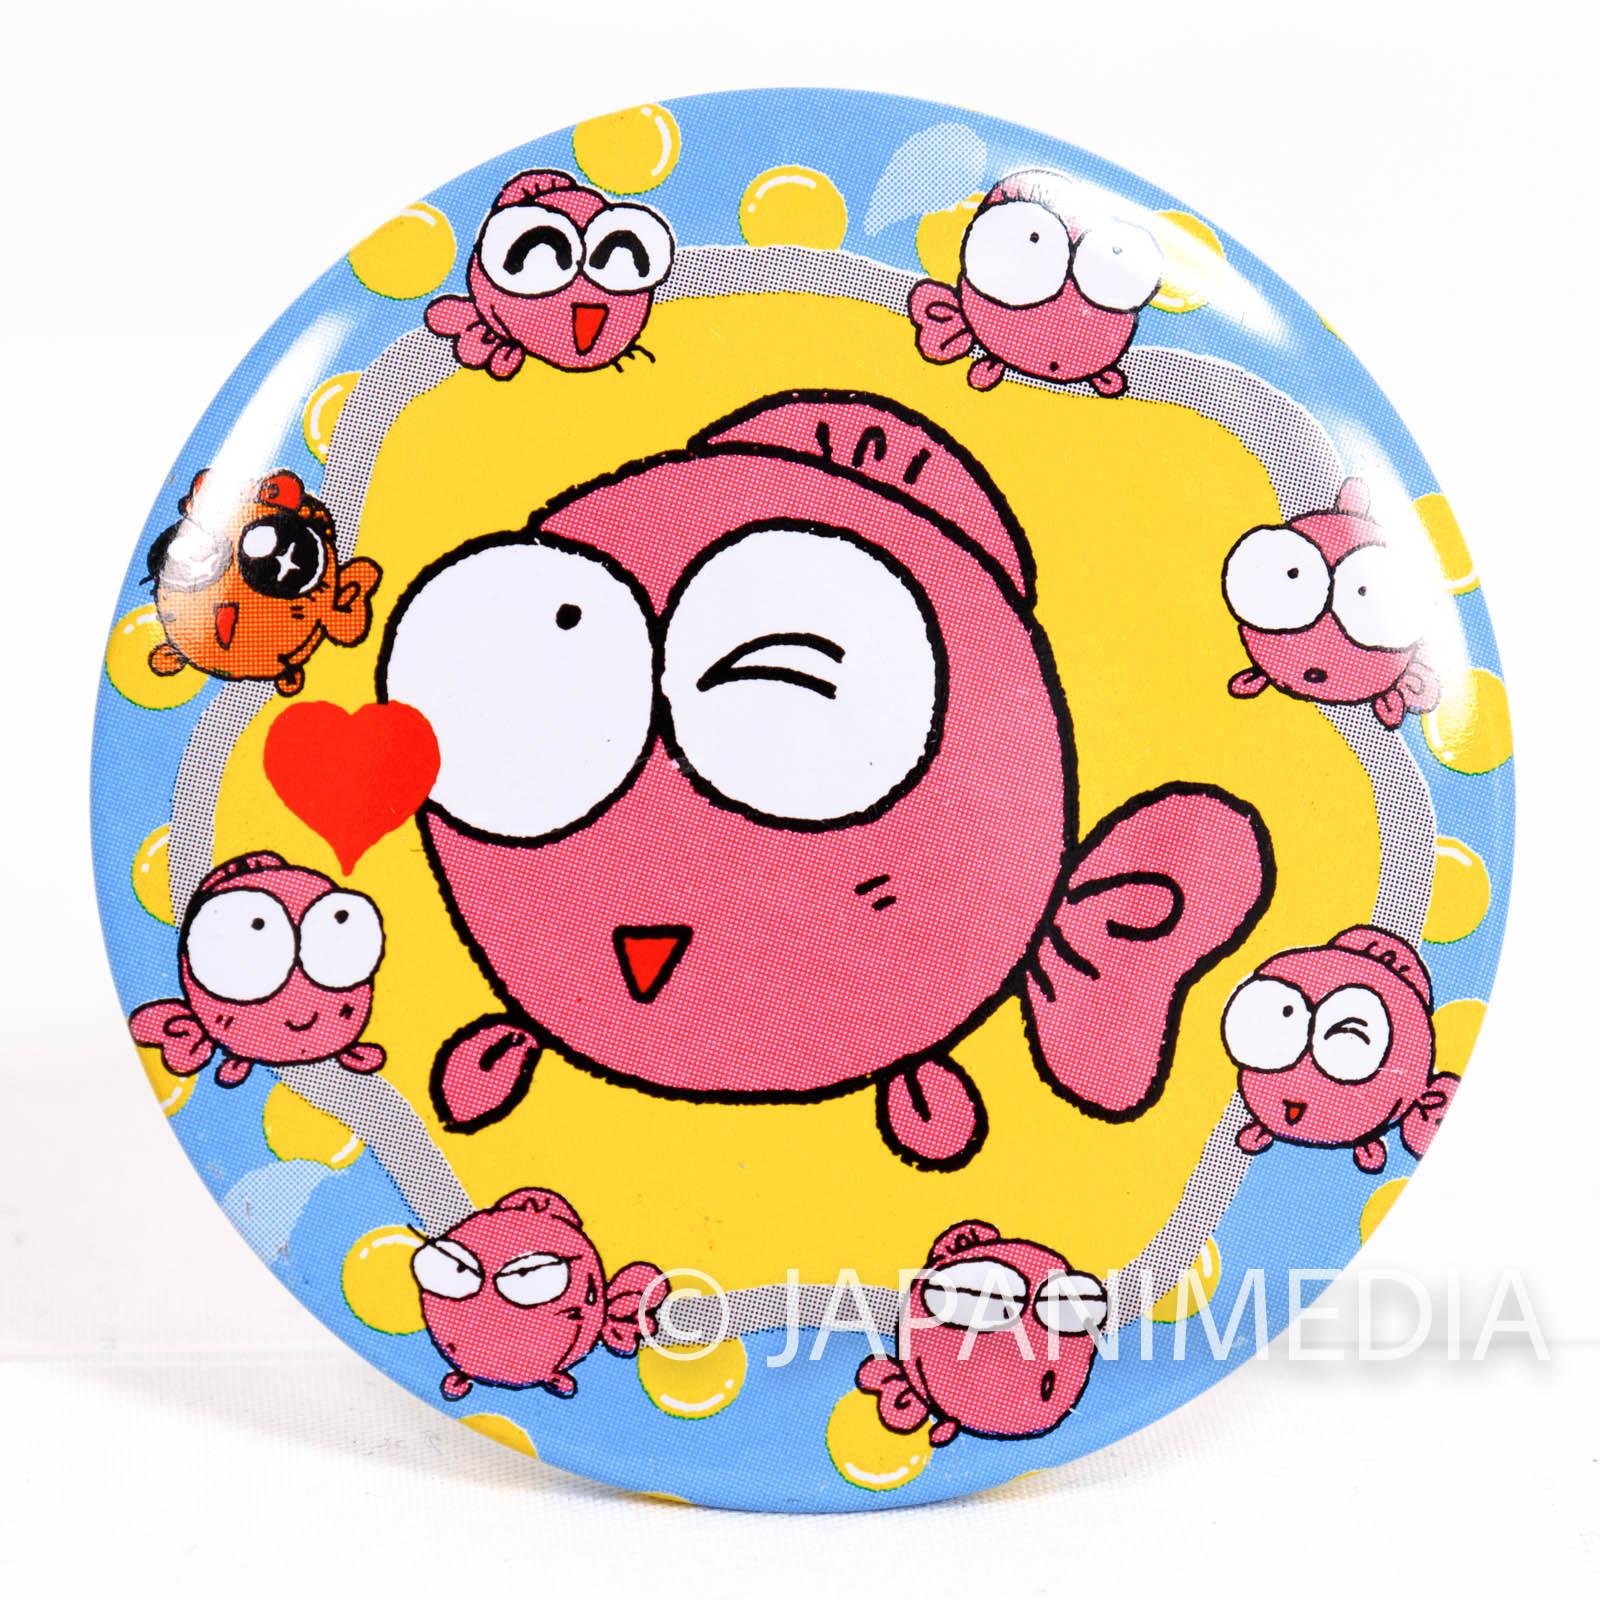 RARE! Goldfish Warning! Button Badge #1 JAPAN ANIME MANGA